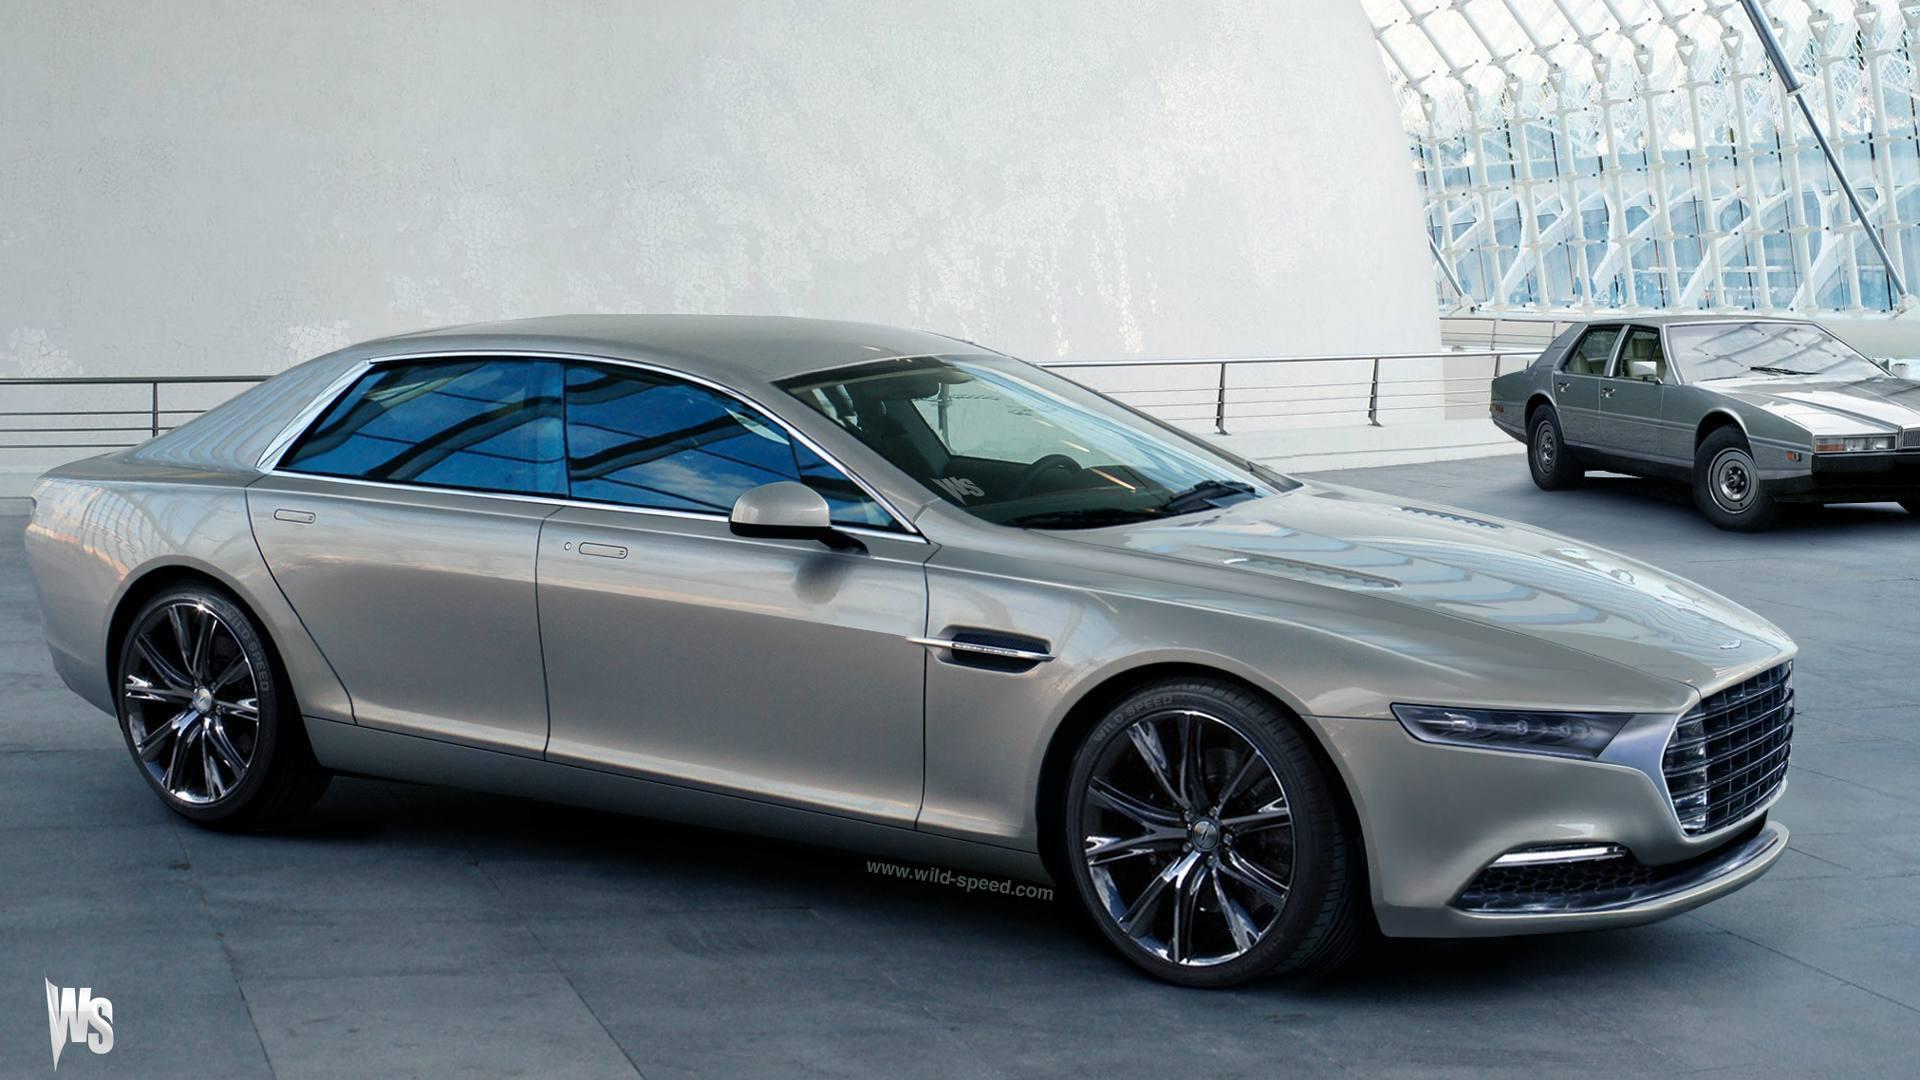 Aston Martin Lagonda Full HD